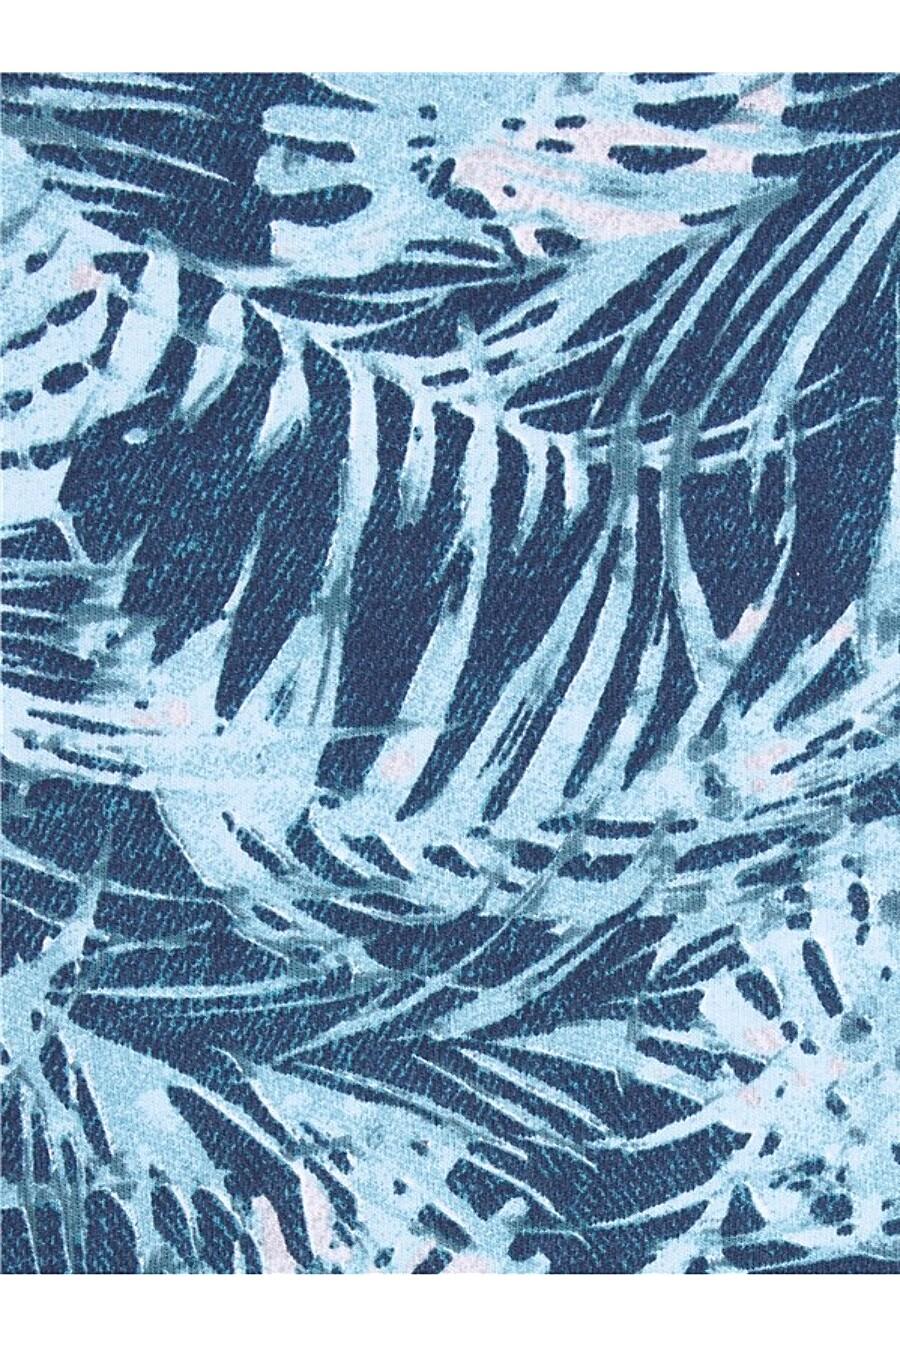 Леггинсы для девочек Archi 174959 купить оптом от производителя. Совместная покупка детской одежды в OptMoyo